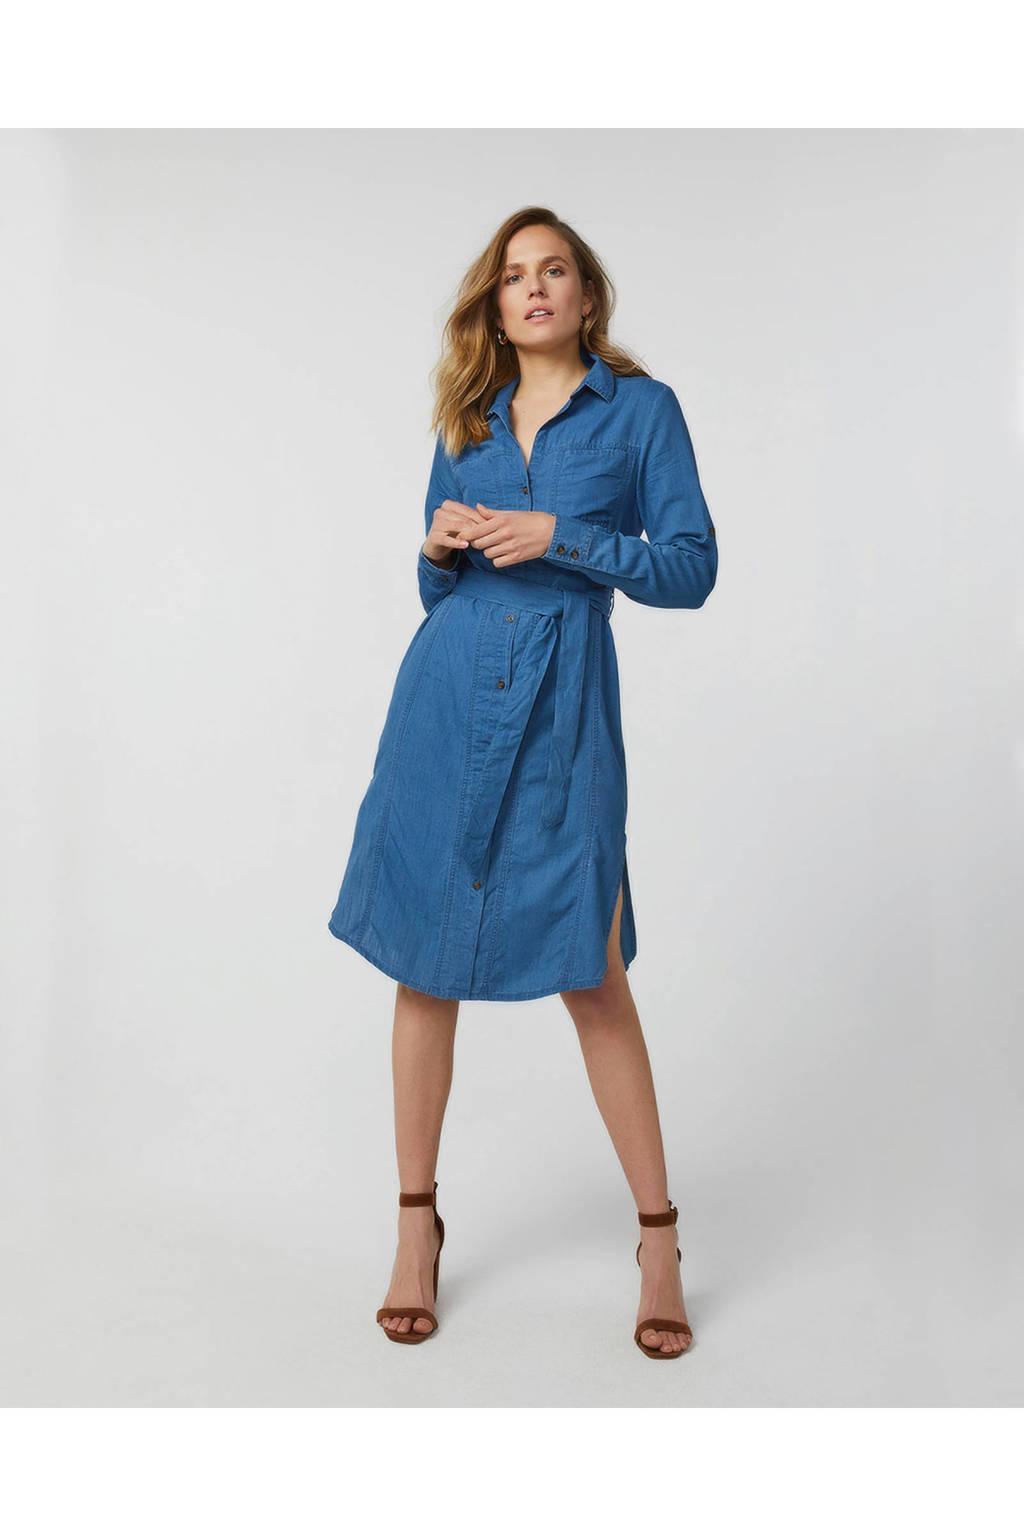 WE Fashion Blue Ridge spijkerjurk met ceintuur light denim, Light denim